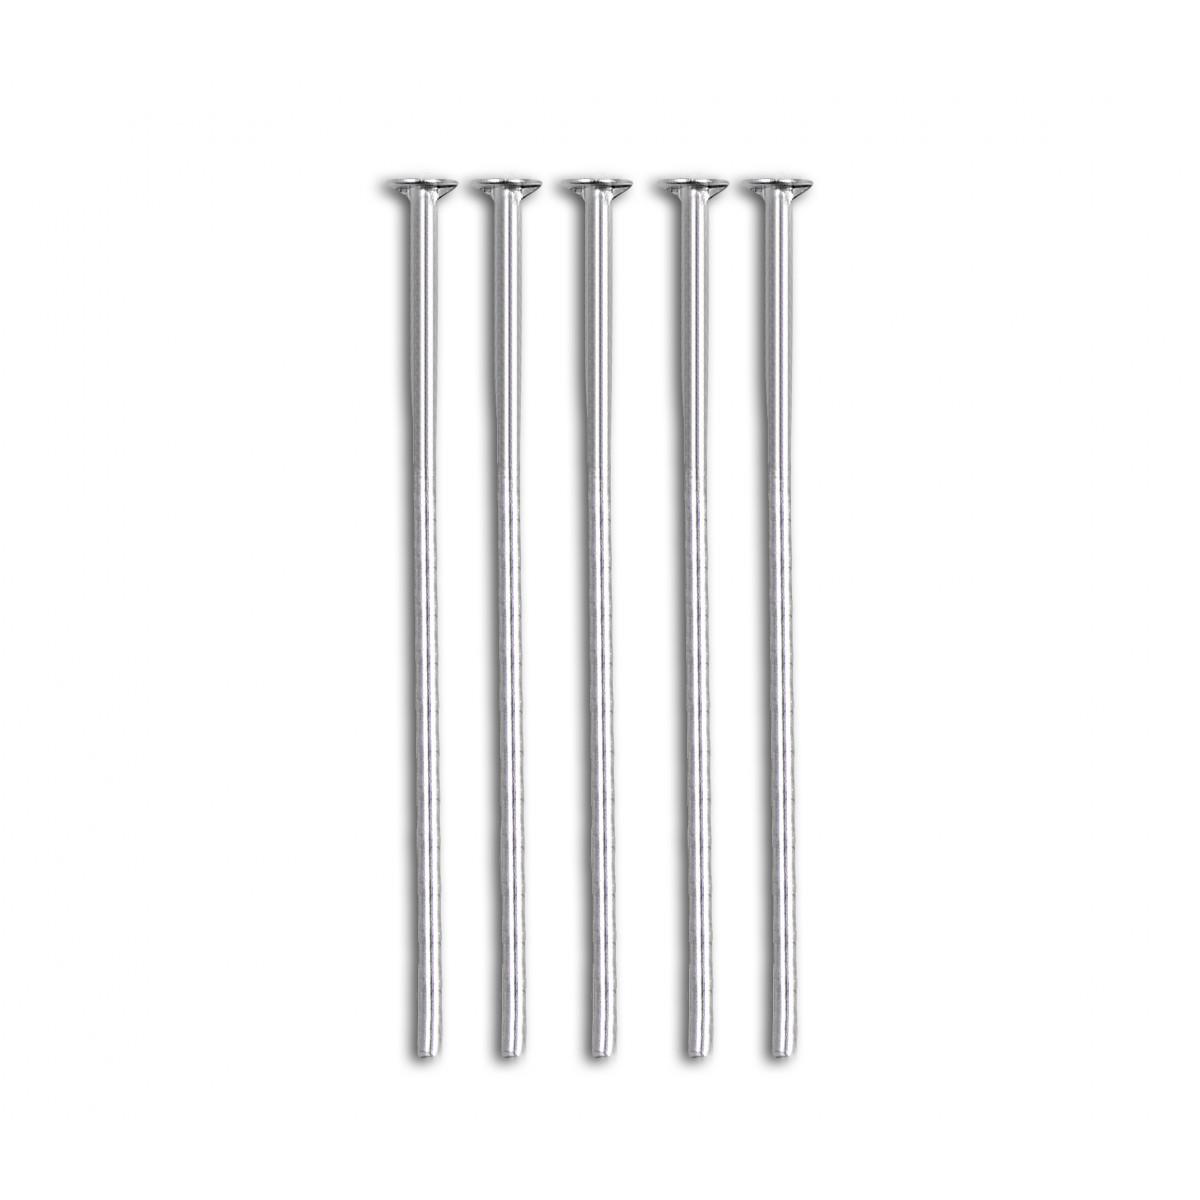 Штифт дл.5 см серебристый 100шт. (арт. ТШТ-4-1-11337)